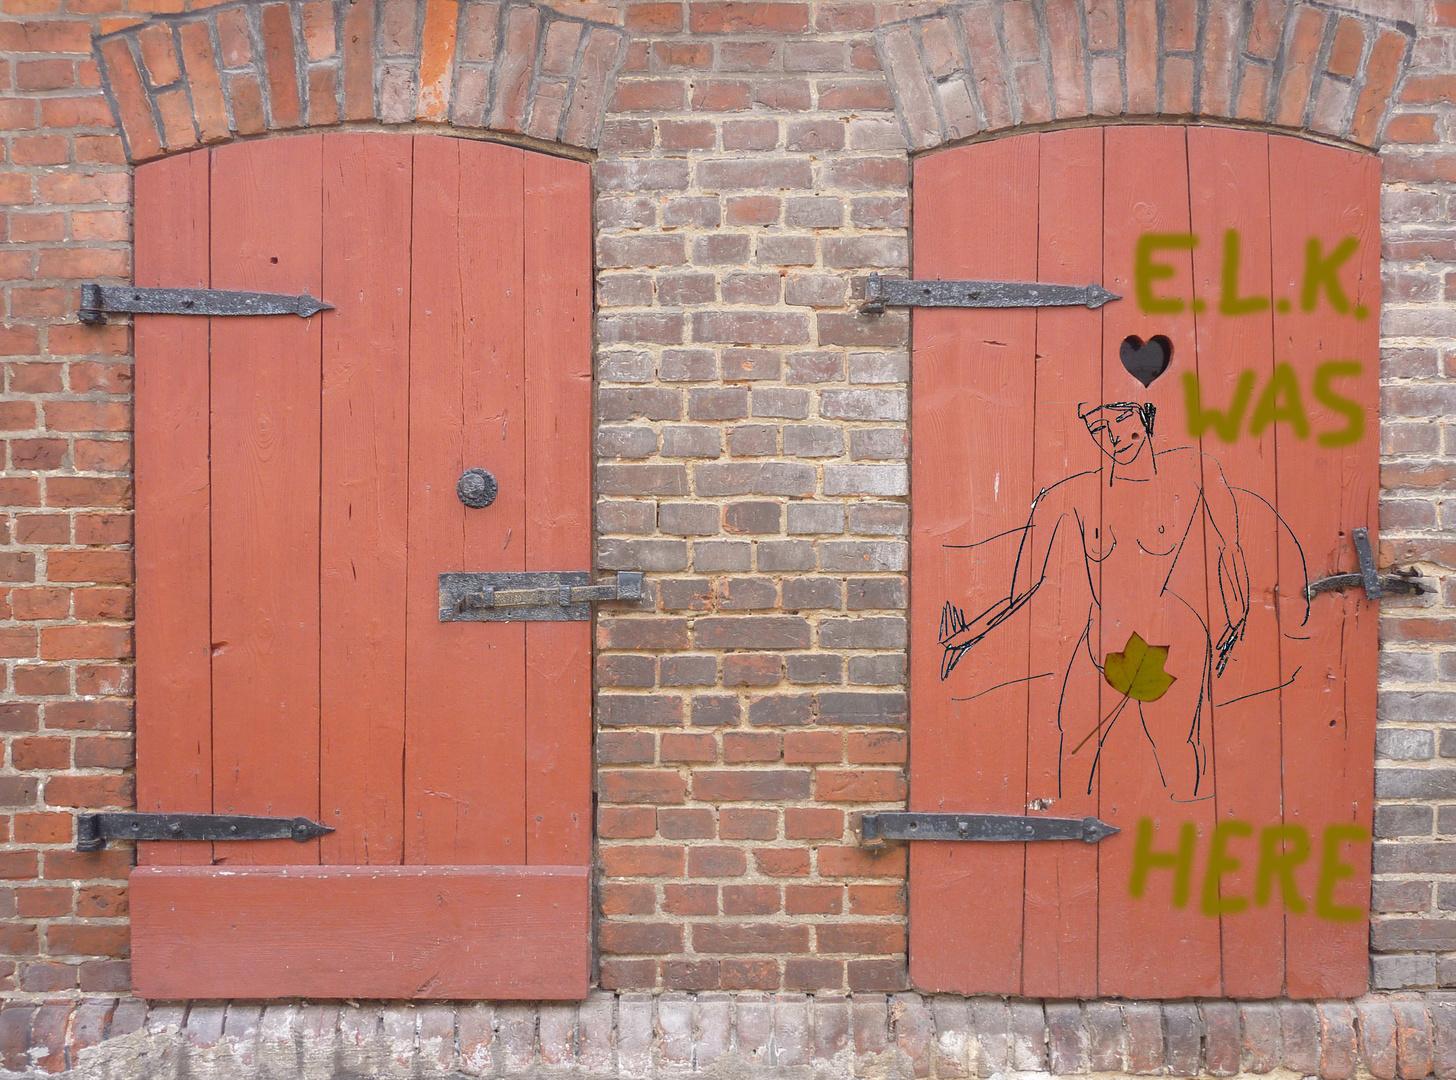 E.L.K. WAS HERE